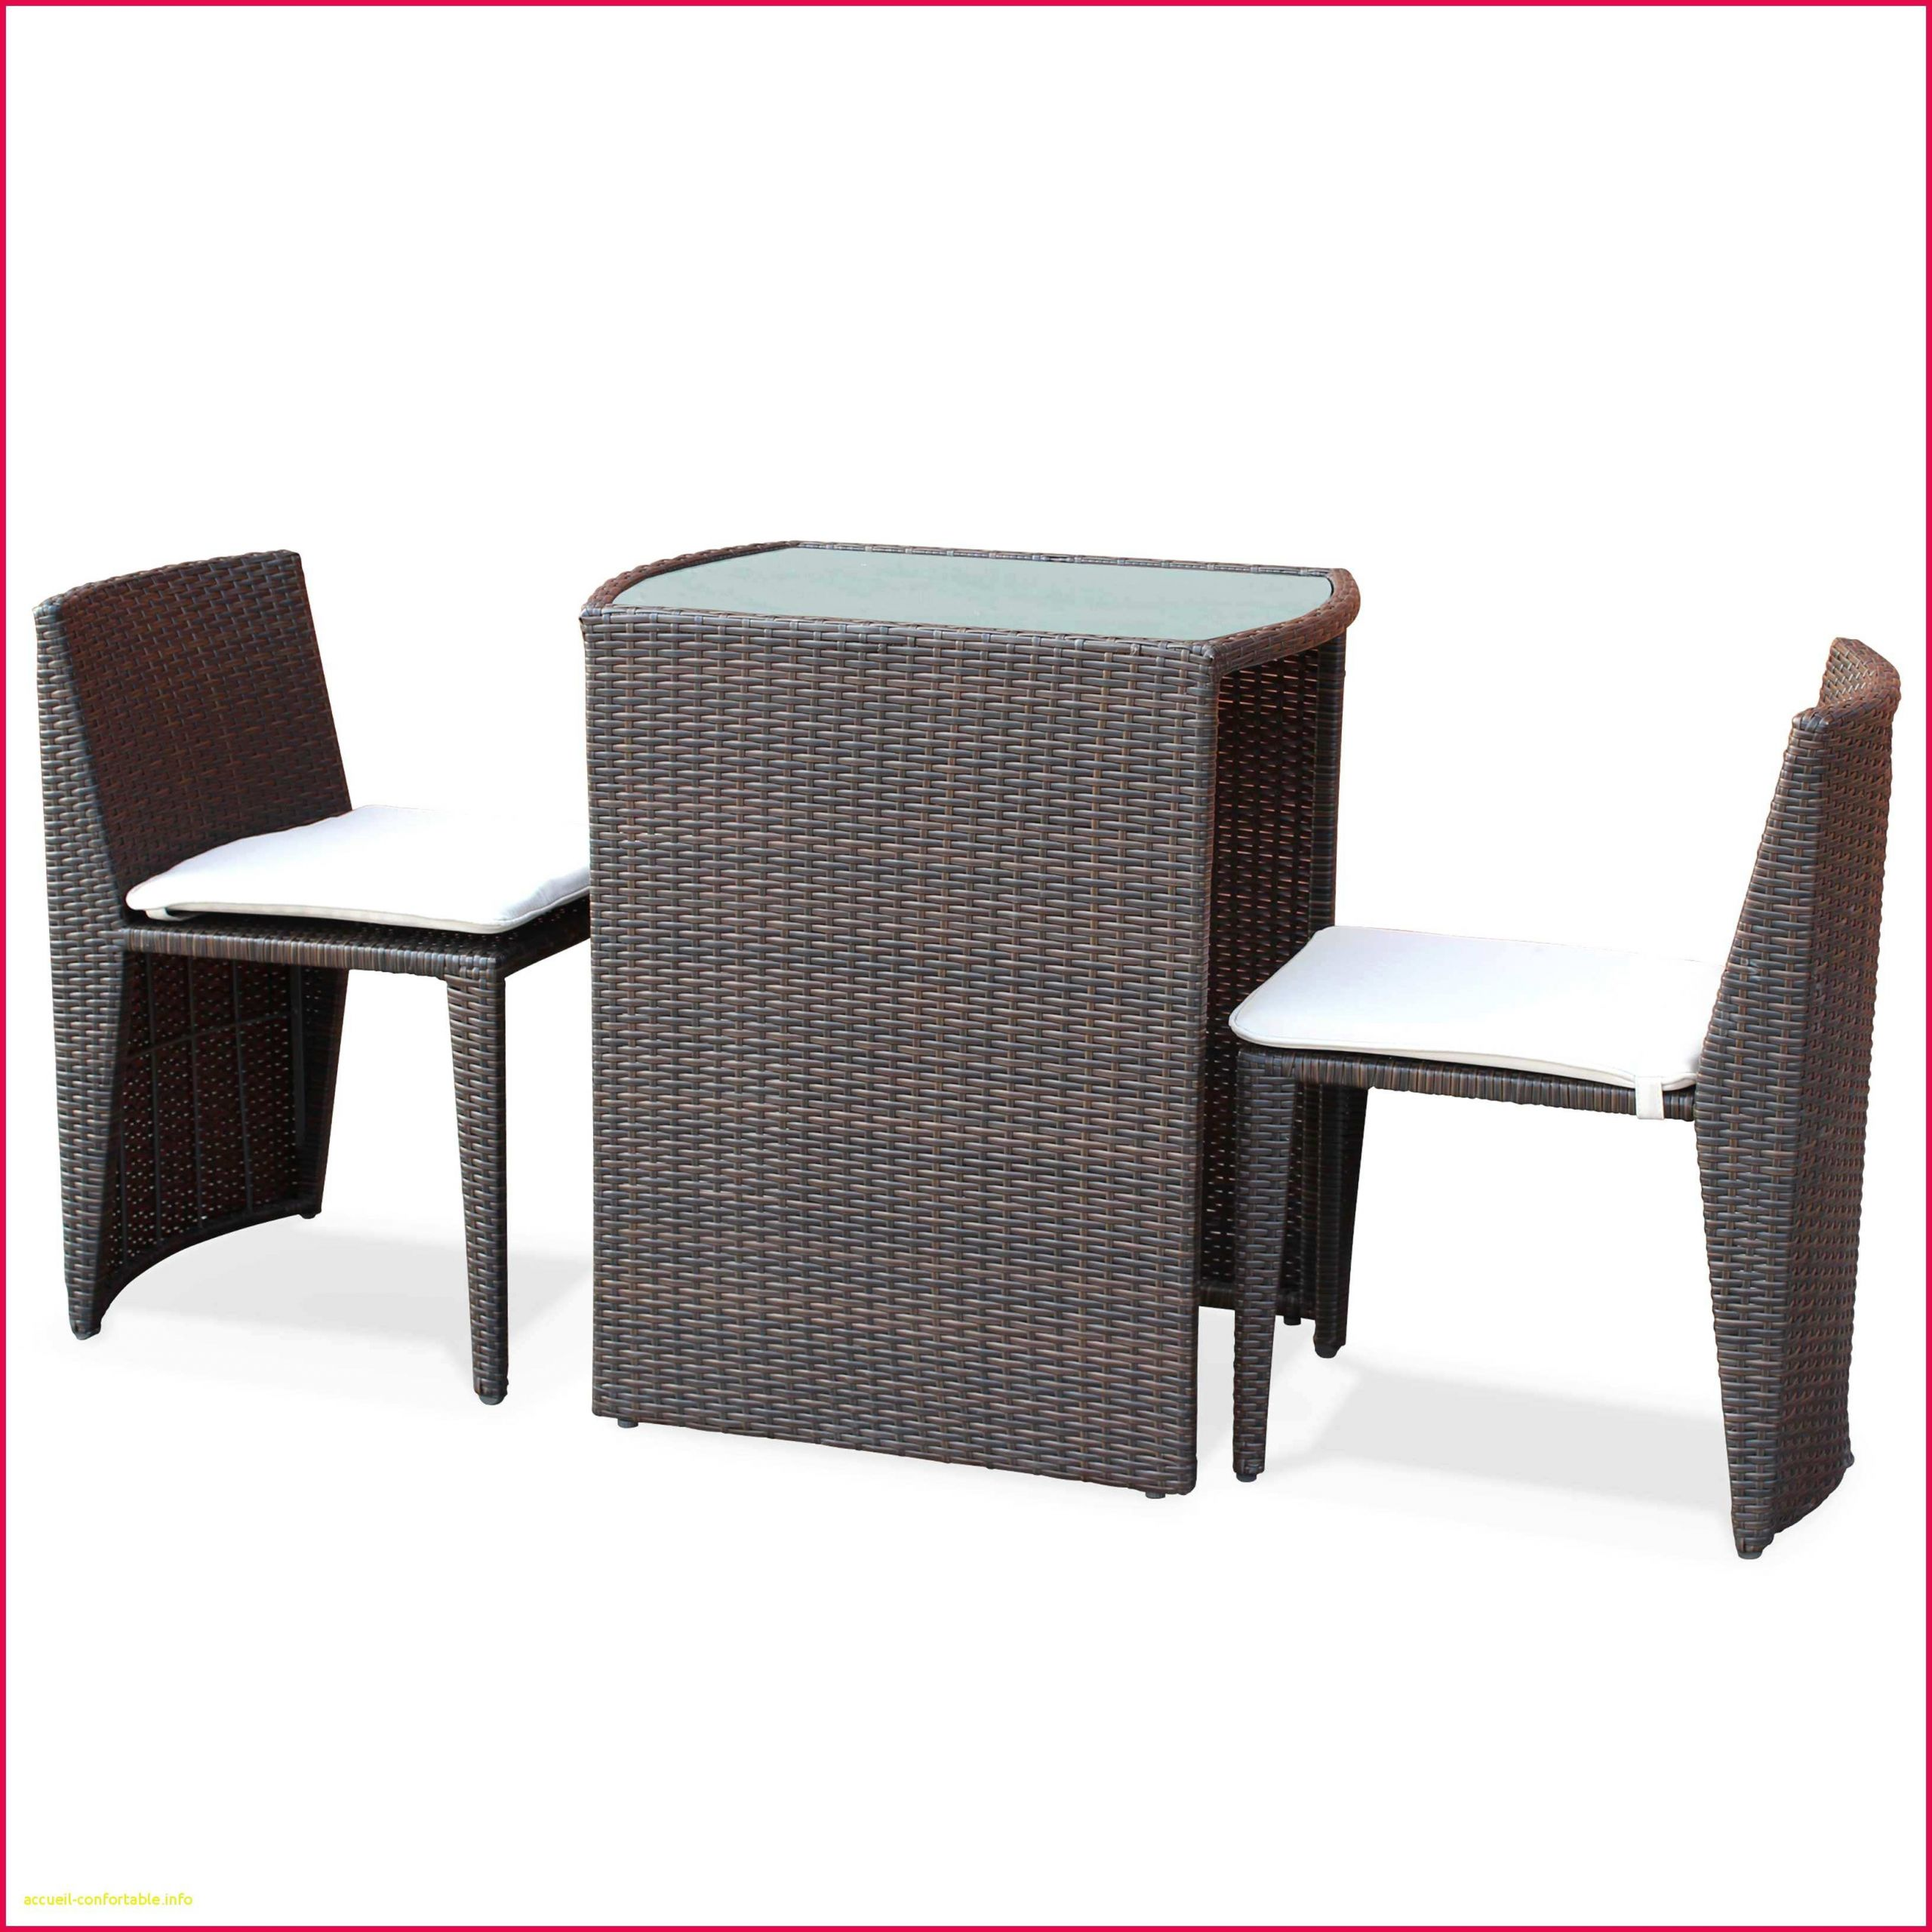 plaire salon jardin i a propos de rsine tresse dans mobilier arche jardin i lovelyinspirational salon de c3 a9sine tress a9e 105